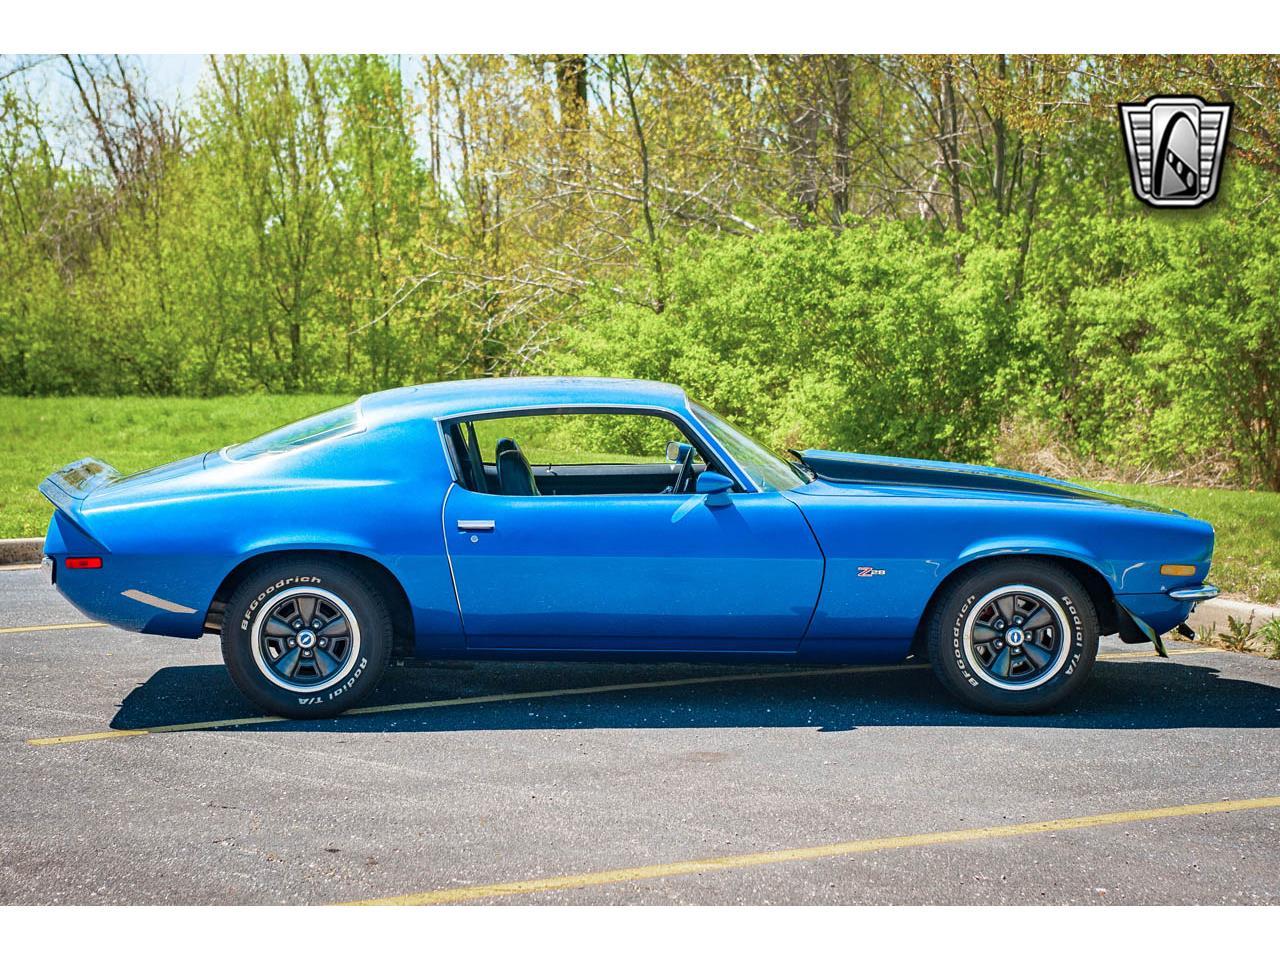 Large Picture of Classic 1971 Camaro located in O'Fallon Illinois - $35,995.00 - QB8S